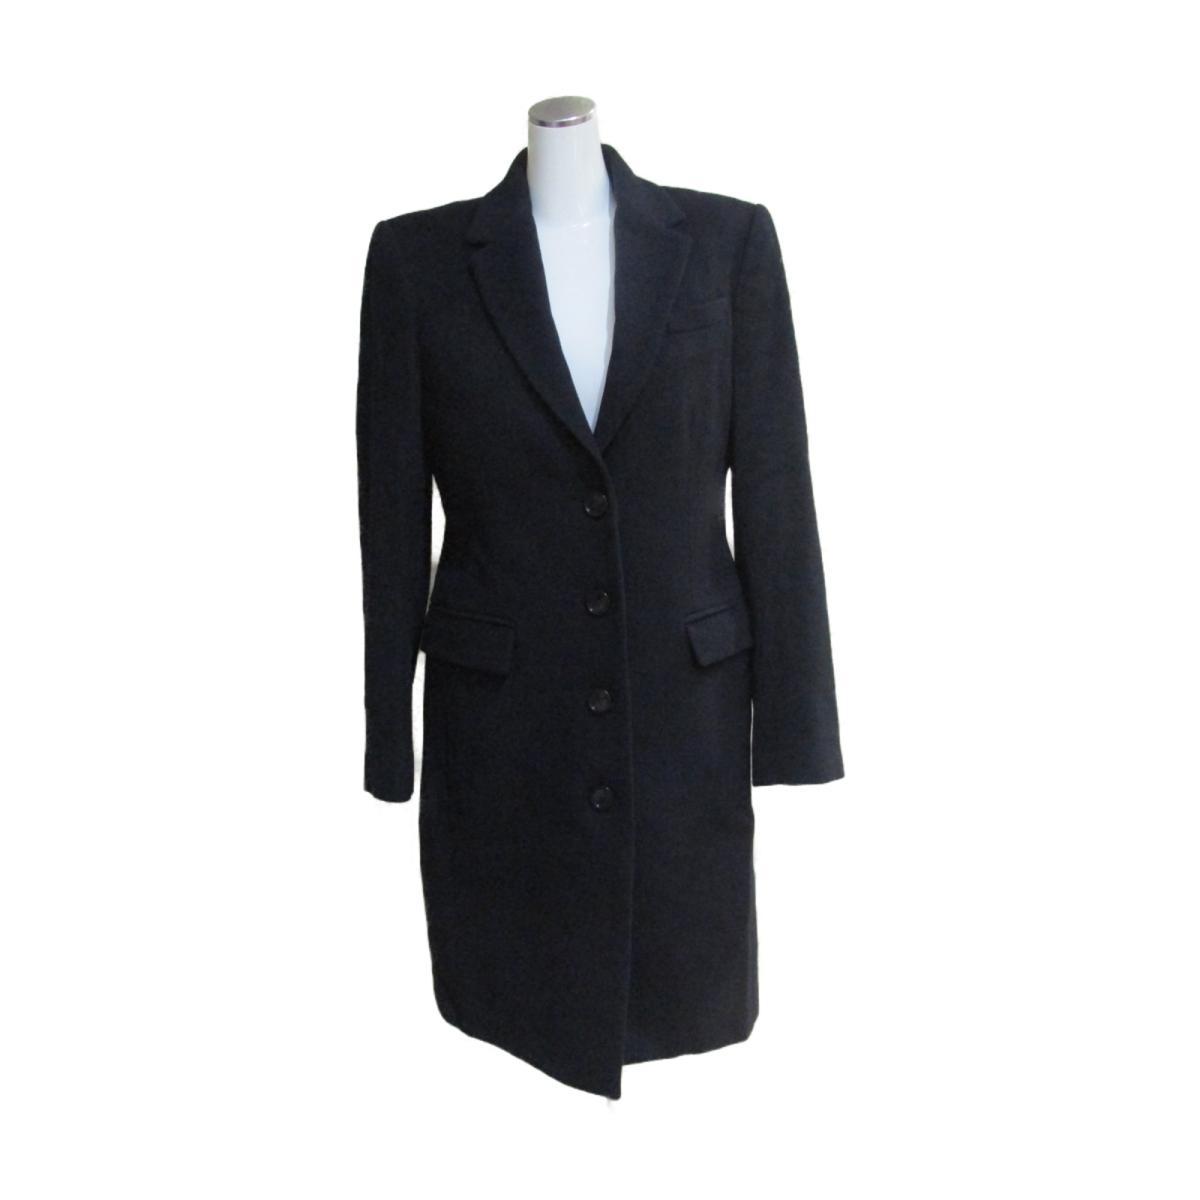 【中古】 バーバリー コート レディース 22%カシミア 78%ウール ブラック | BURBERRY BRANDOFF ブランドオフ 衣料品 衣類 ブランド アウター ジャケット